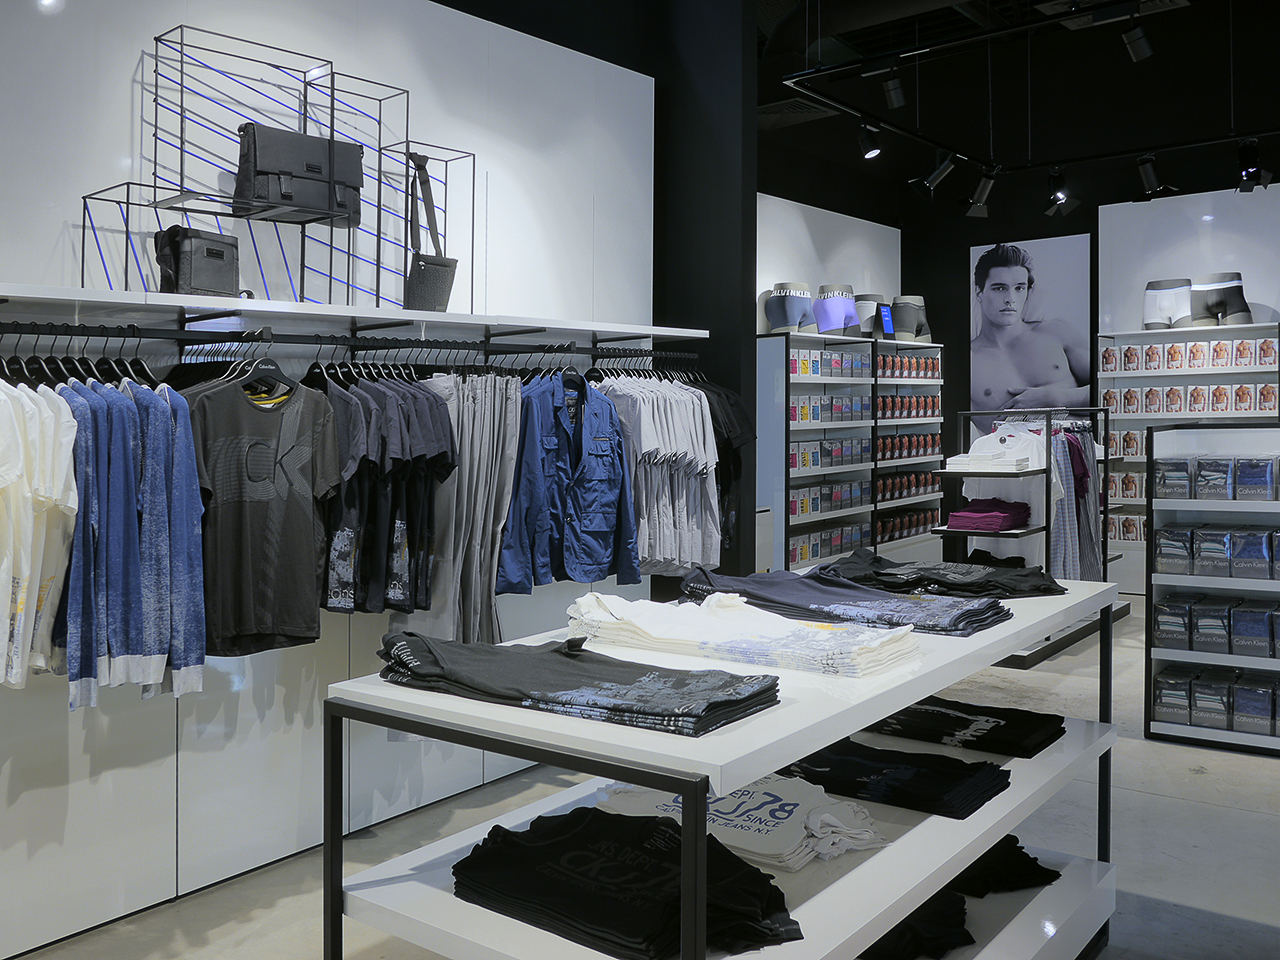 магазин одежды. фотосъемка интерьера